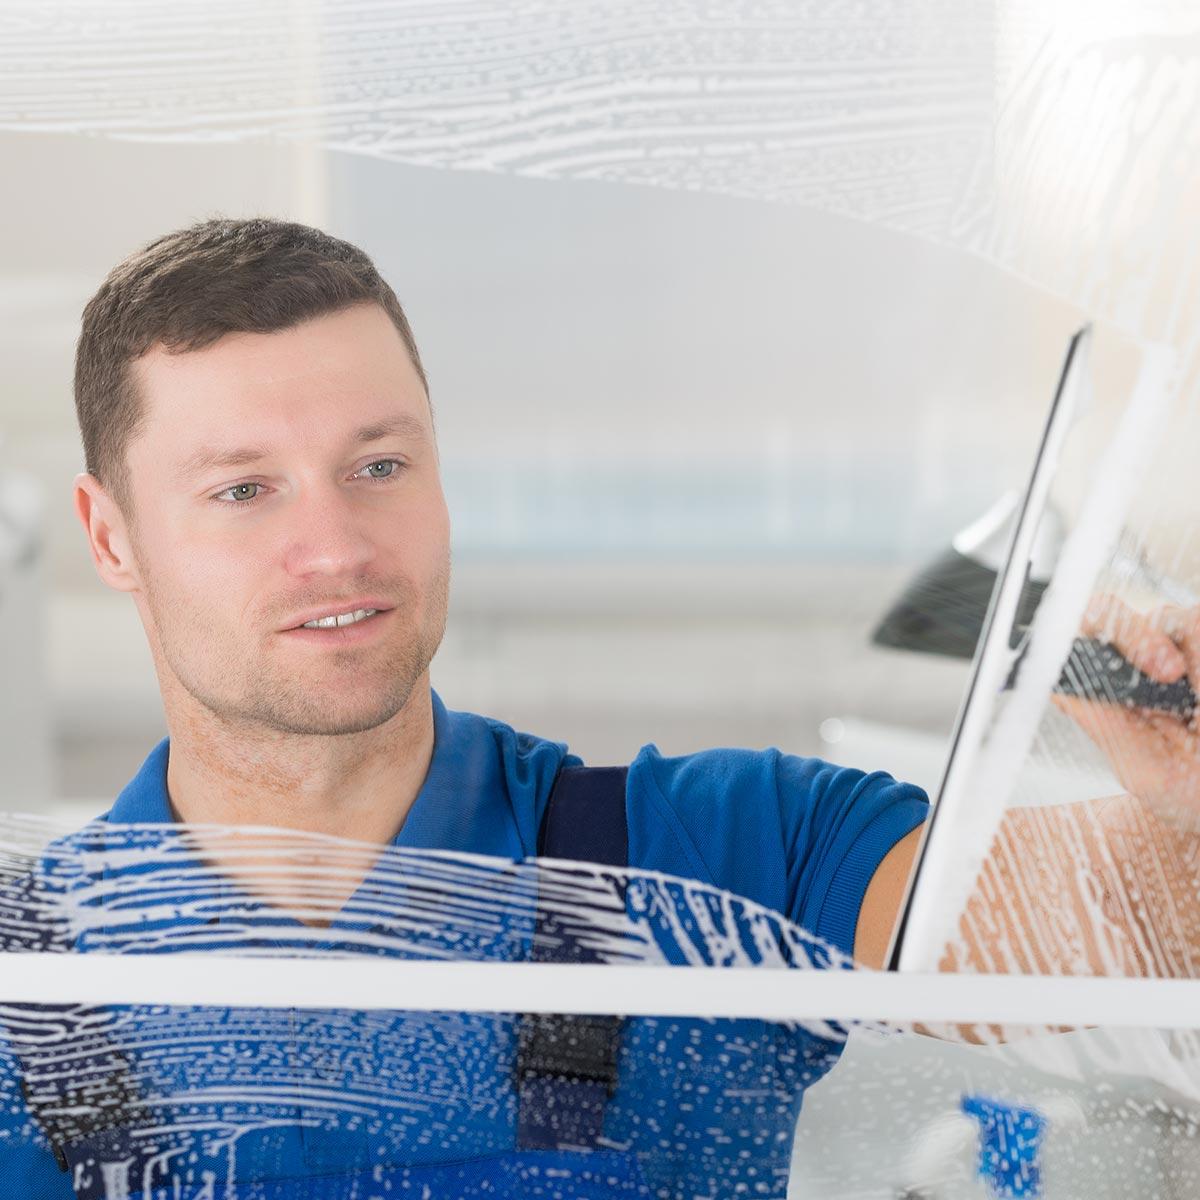 Fensterputzer Augsburg putzt Fenster in privaten Haushalten.